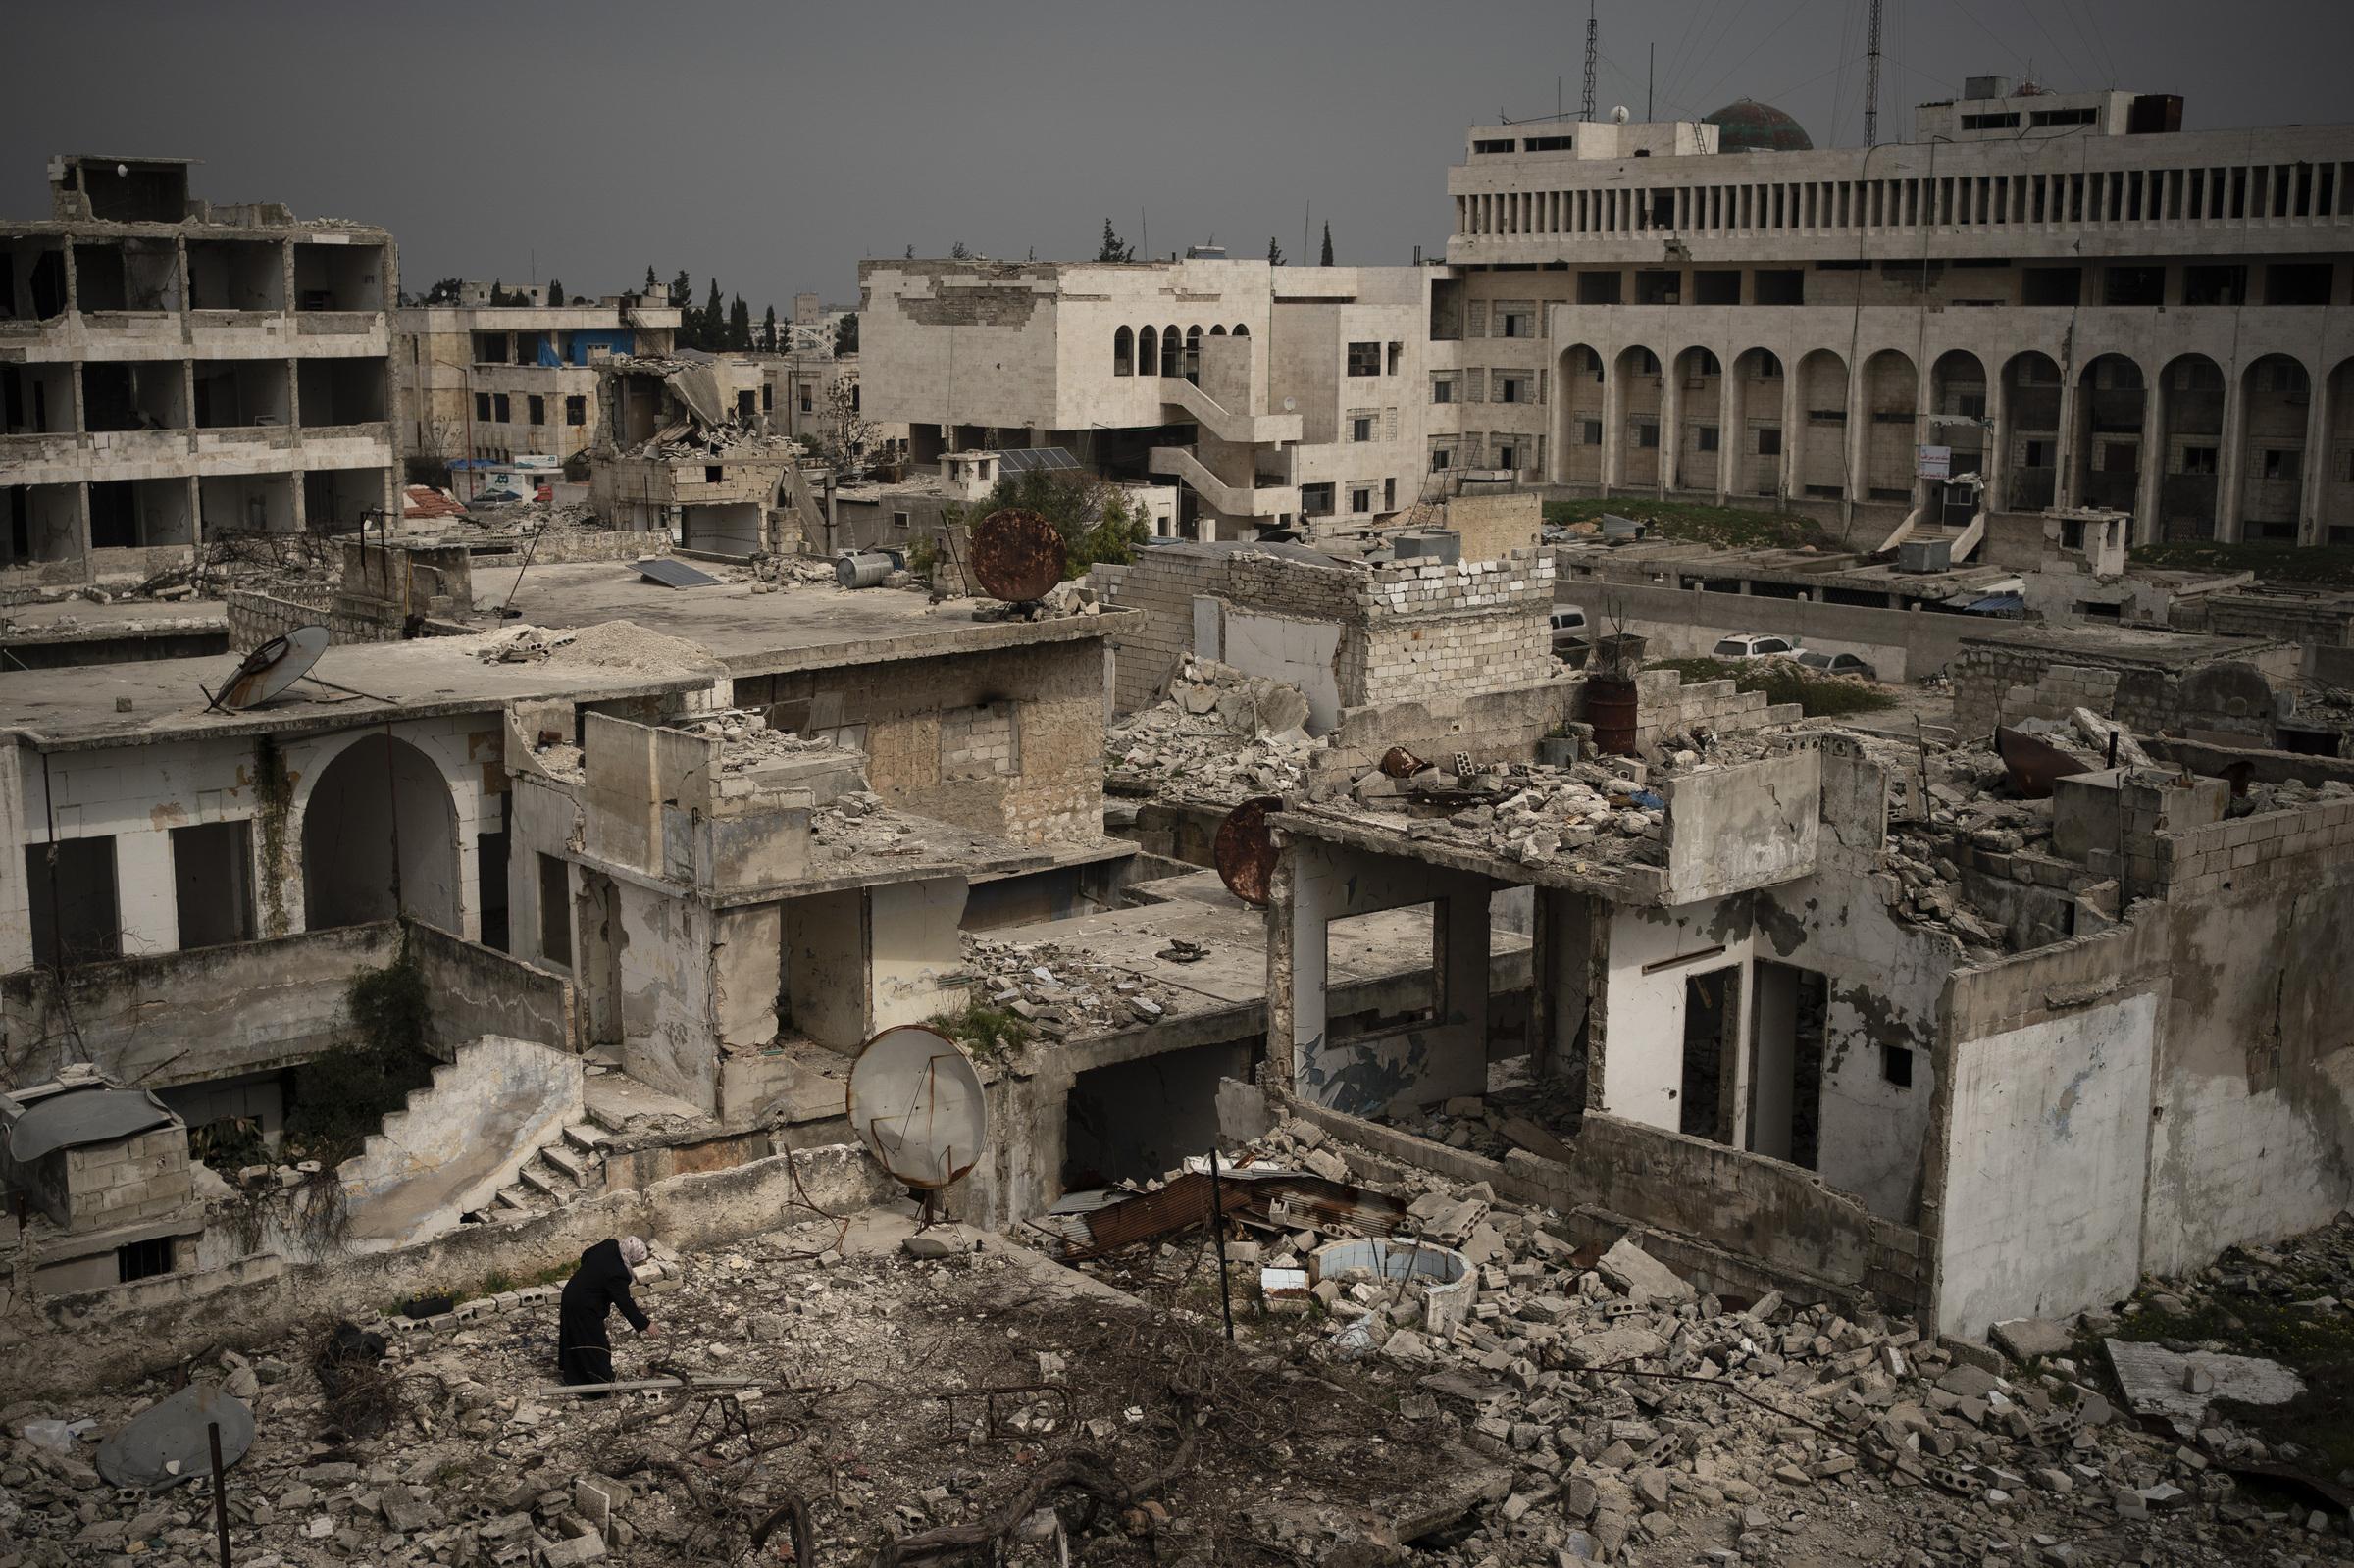 Siria: possibili crimini contro l'umanità tra gennaio e luglio